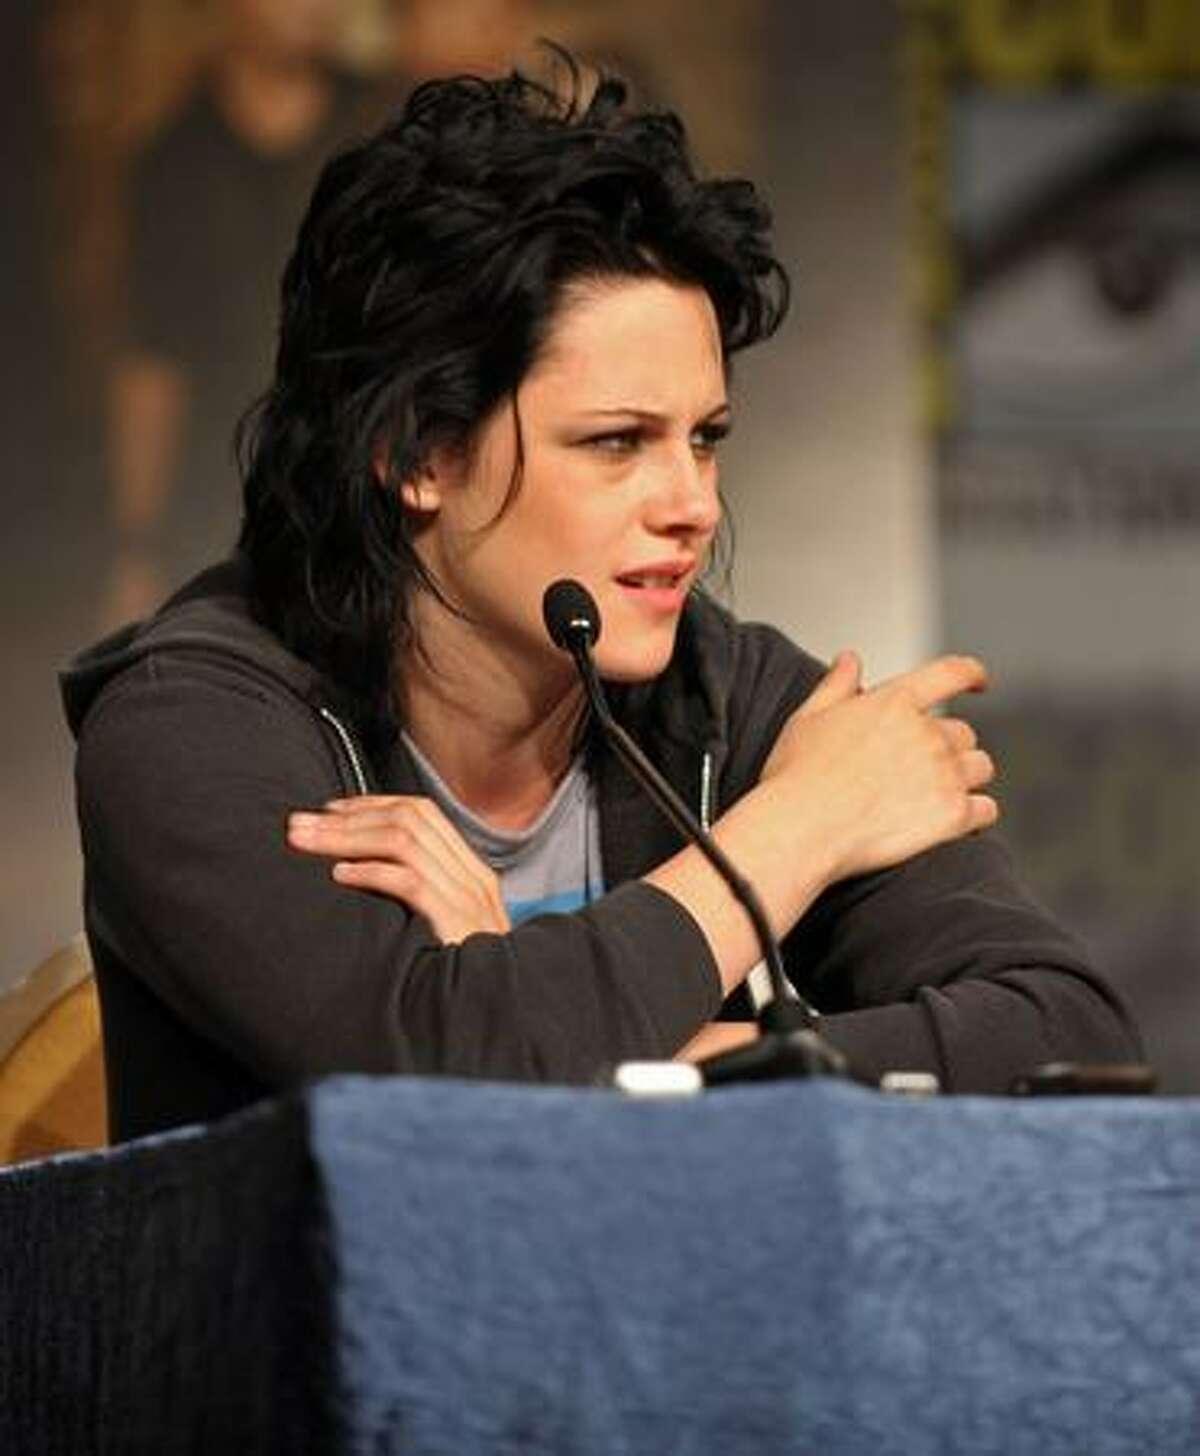 Actress Kristen Stewart speaks at